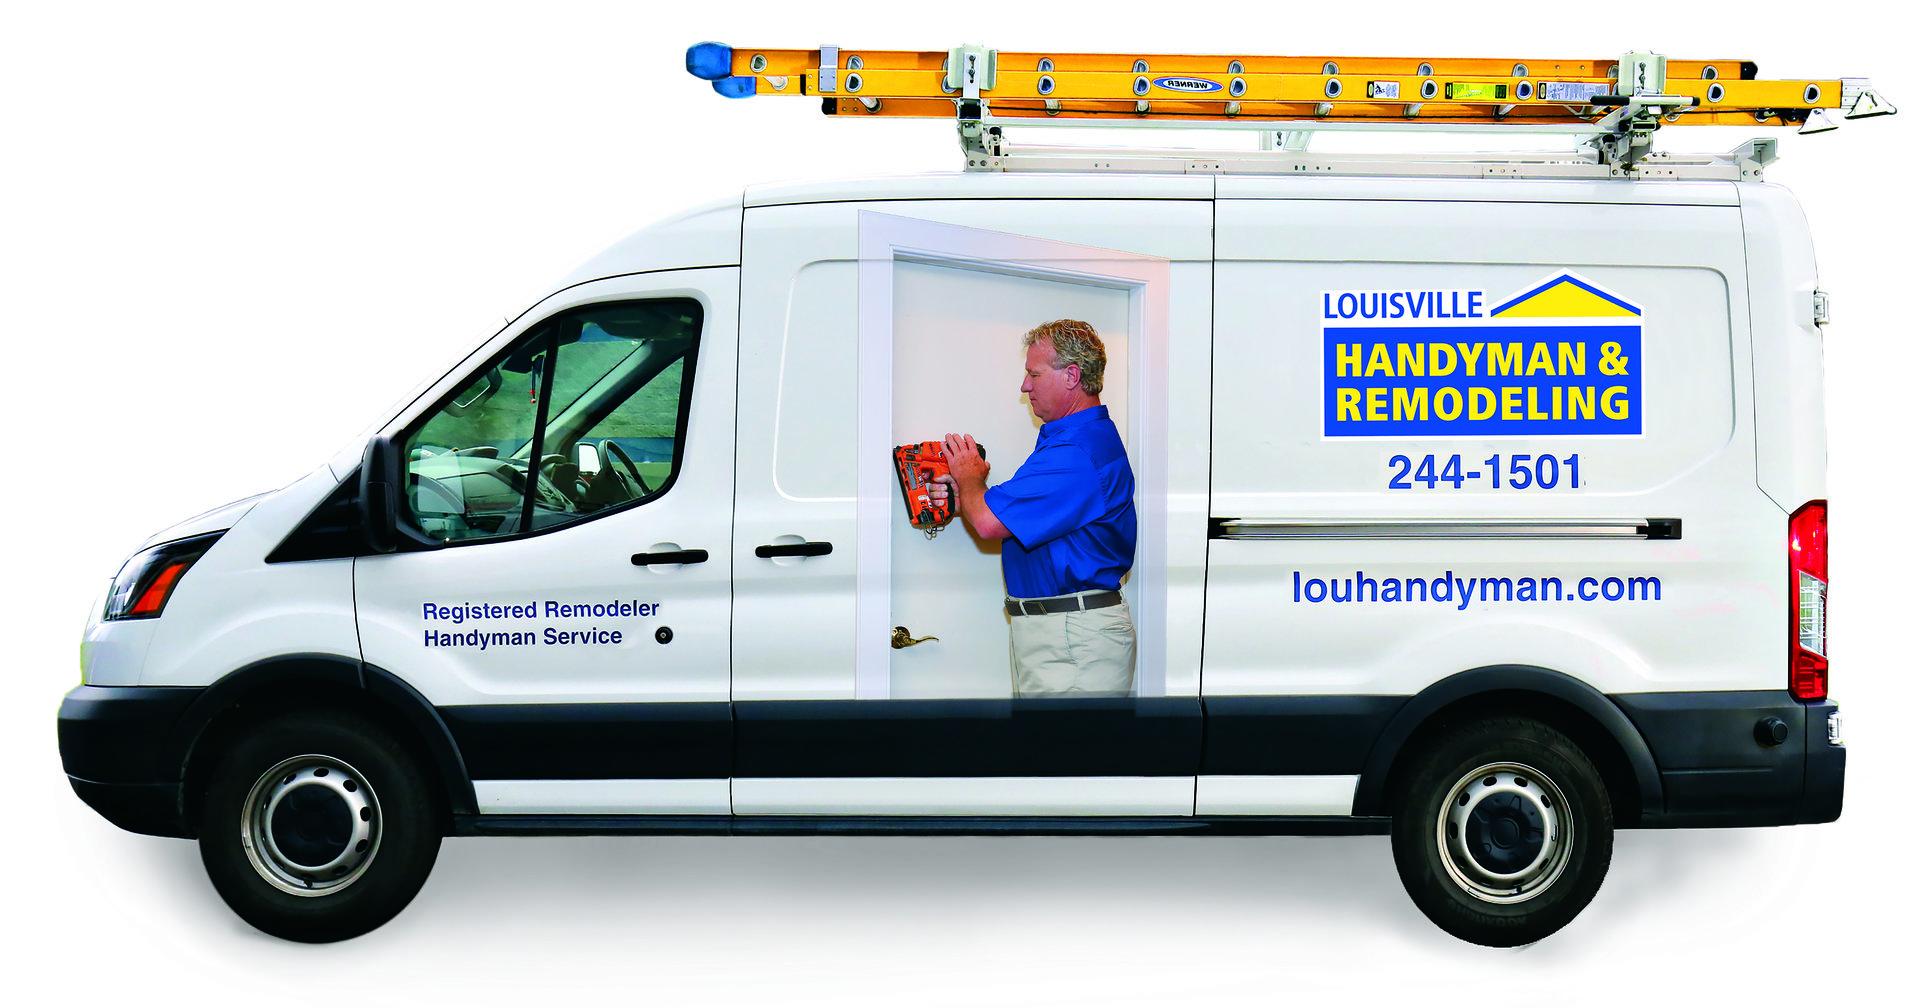 Louisville Handyman & Remodeling | Louisville, KY